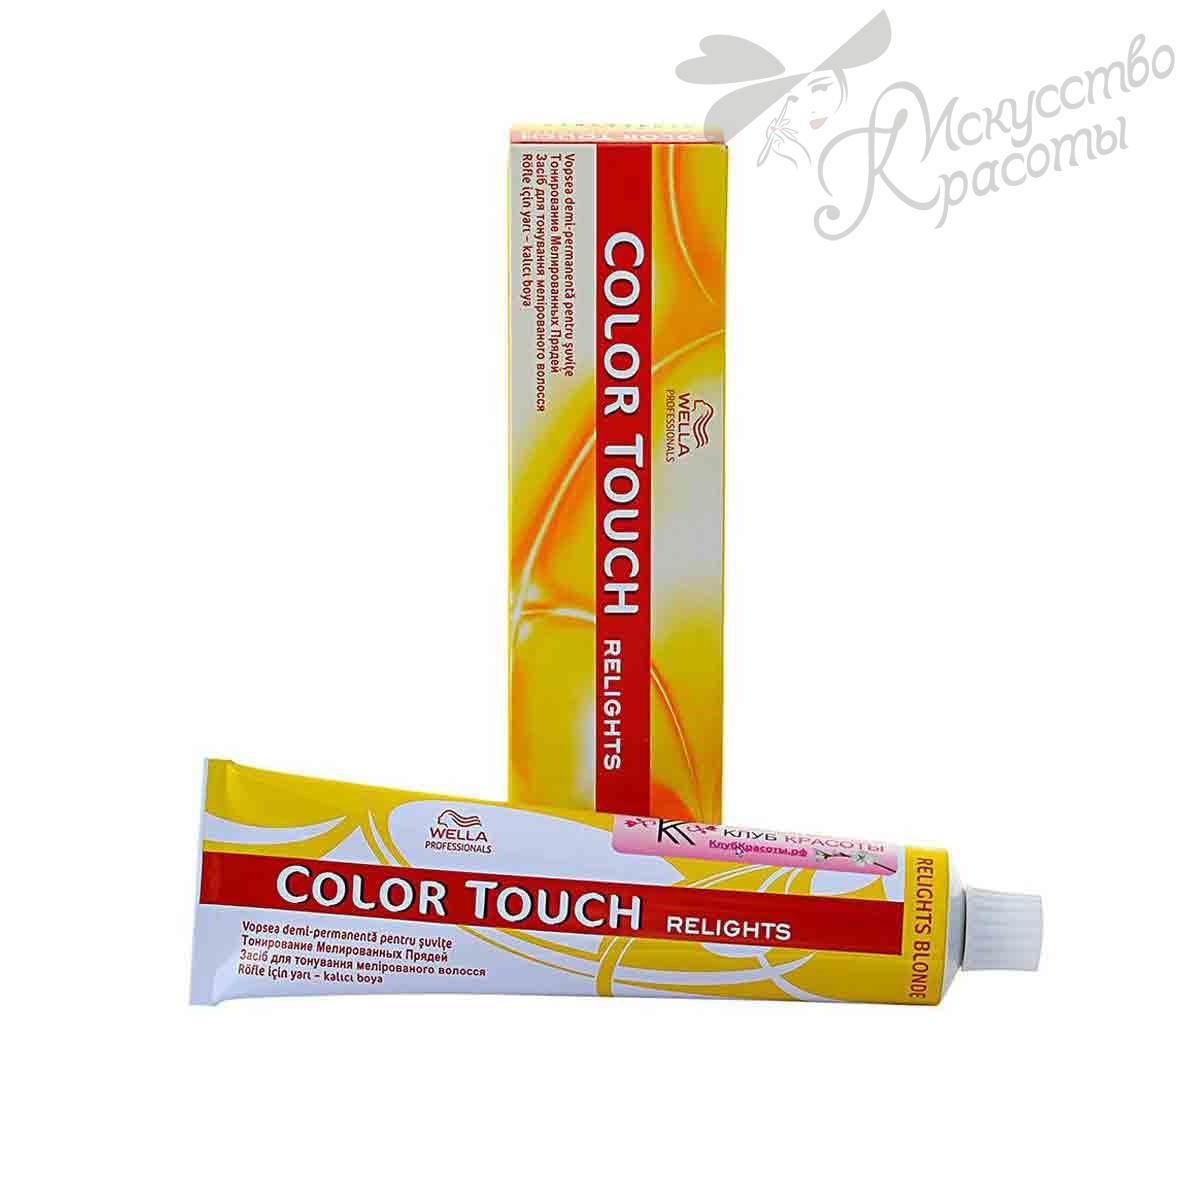 Wella Color Touch Sunlights /18 пепельно-жемчужный 60 мл